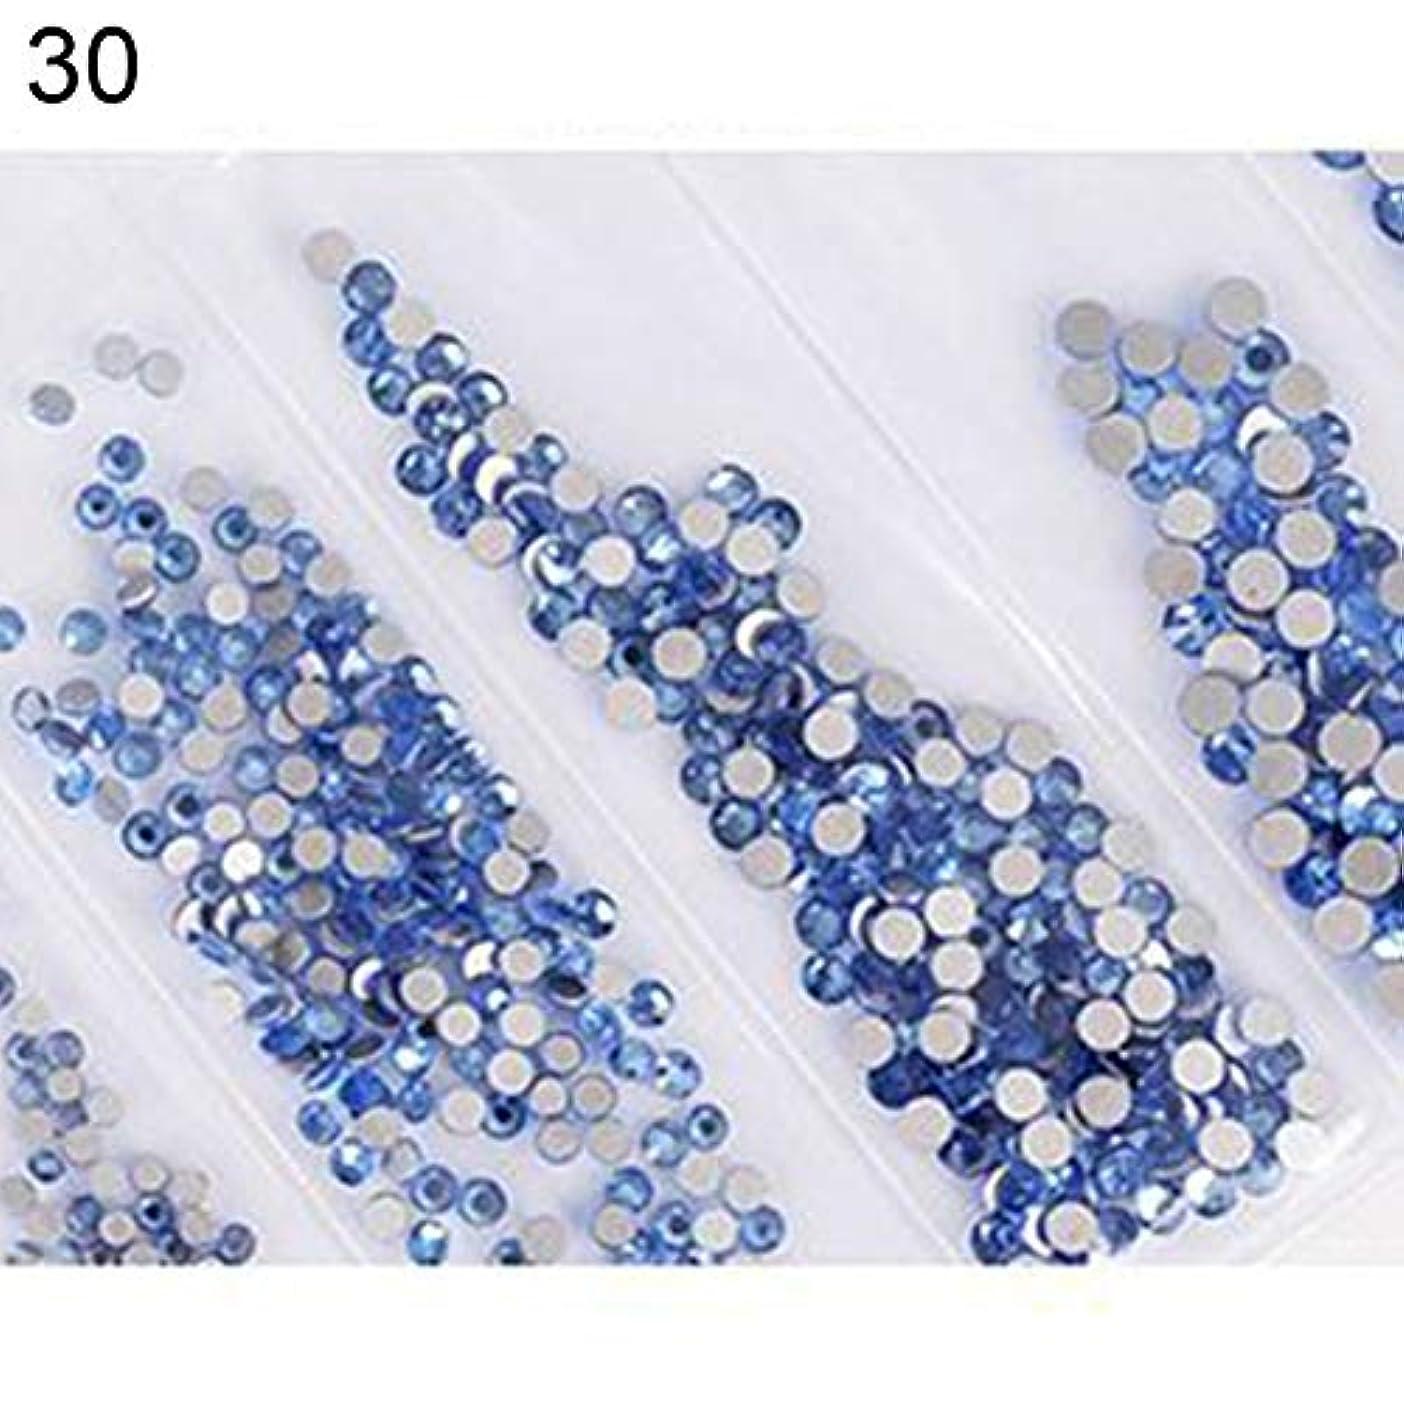 感度予報不透明なhamulekfae-6ピース光沢のあるフラットガラスラインストーンネイルアートの装飾diyマニキュアのヒントツール 30#